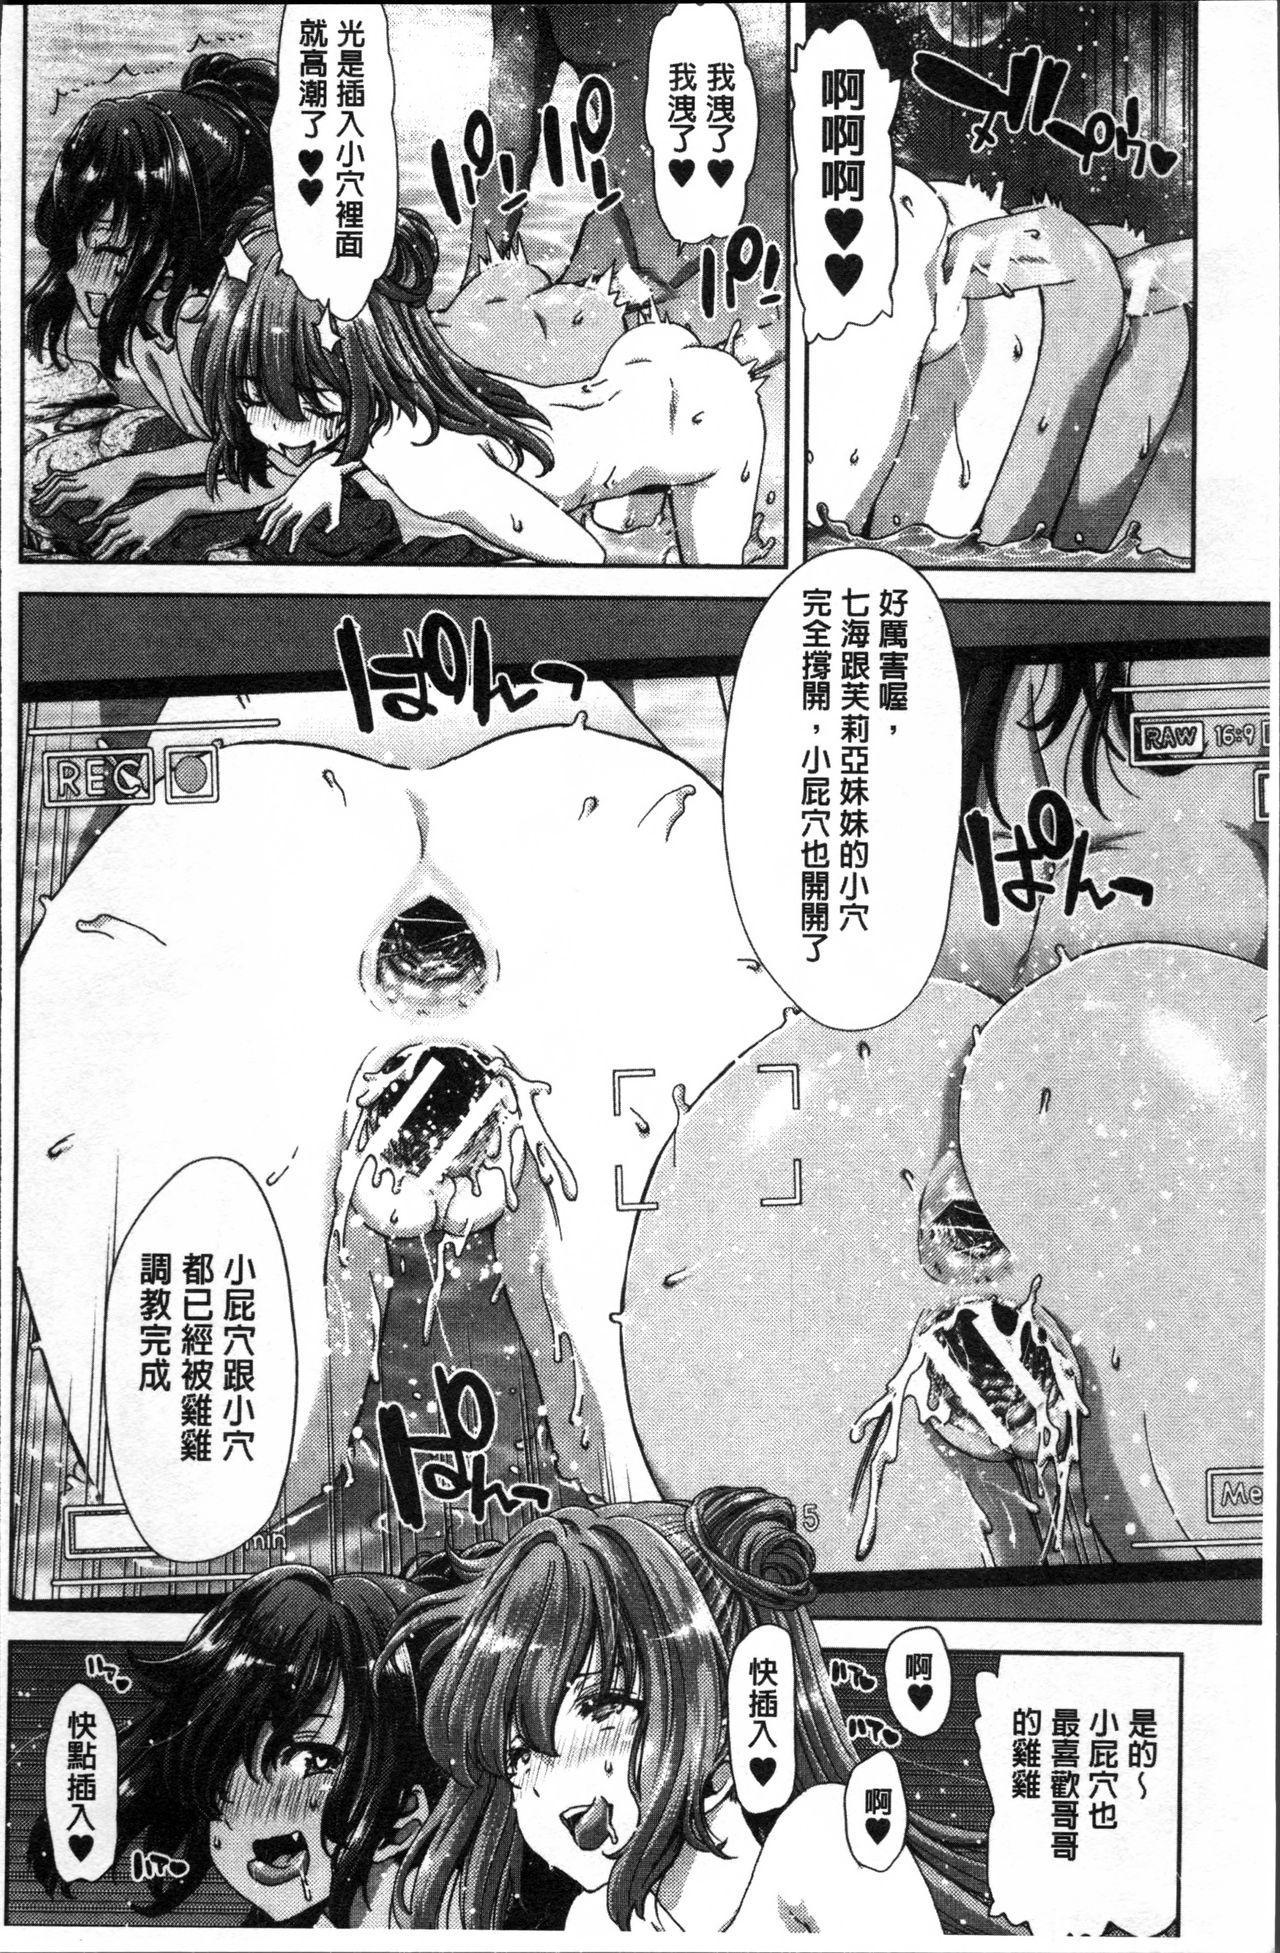 Imouto dakedo Oniichan, H Shiyo! H Shiyo! H Shiyou yo! 194